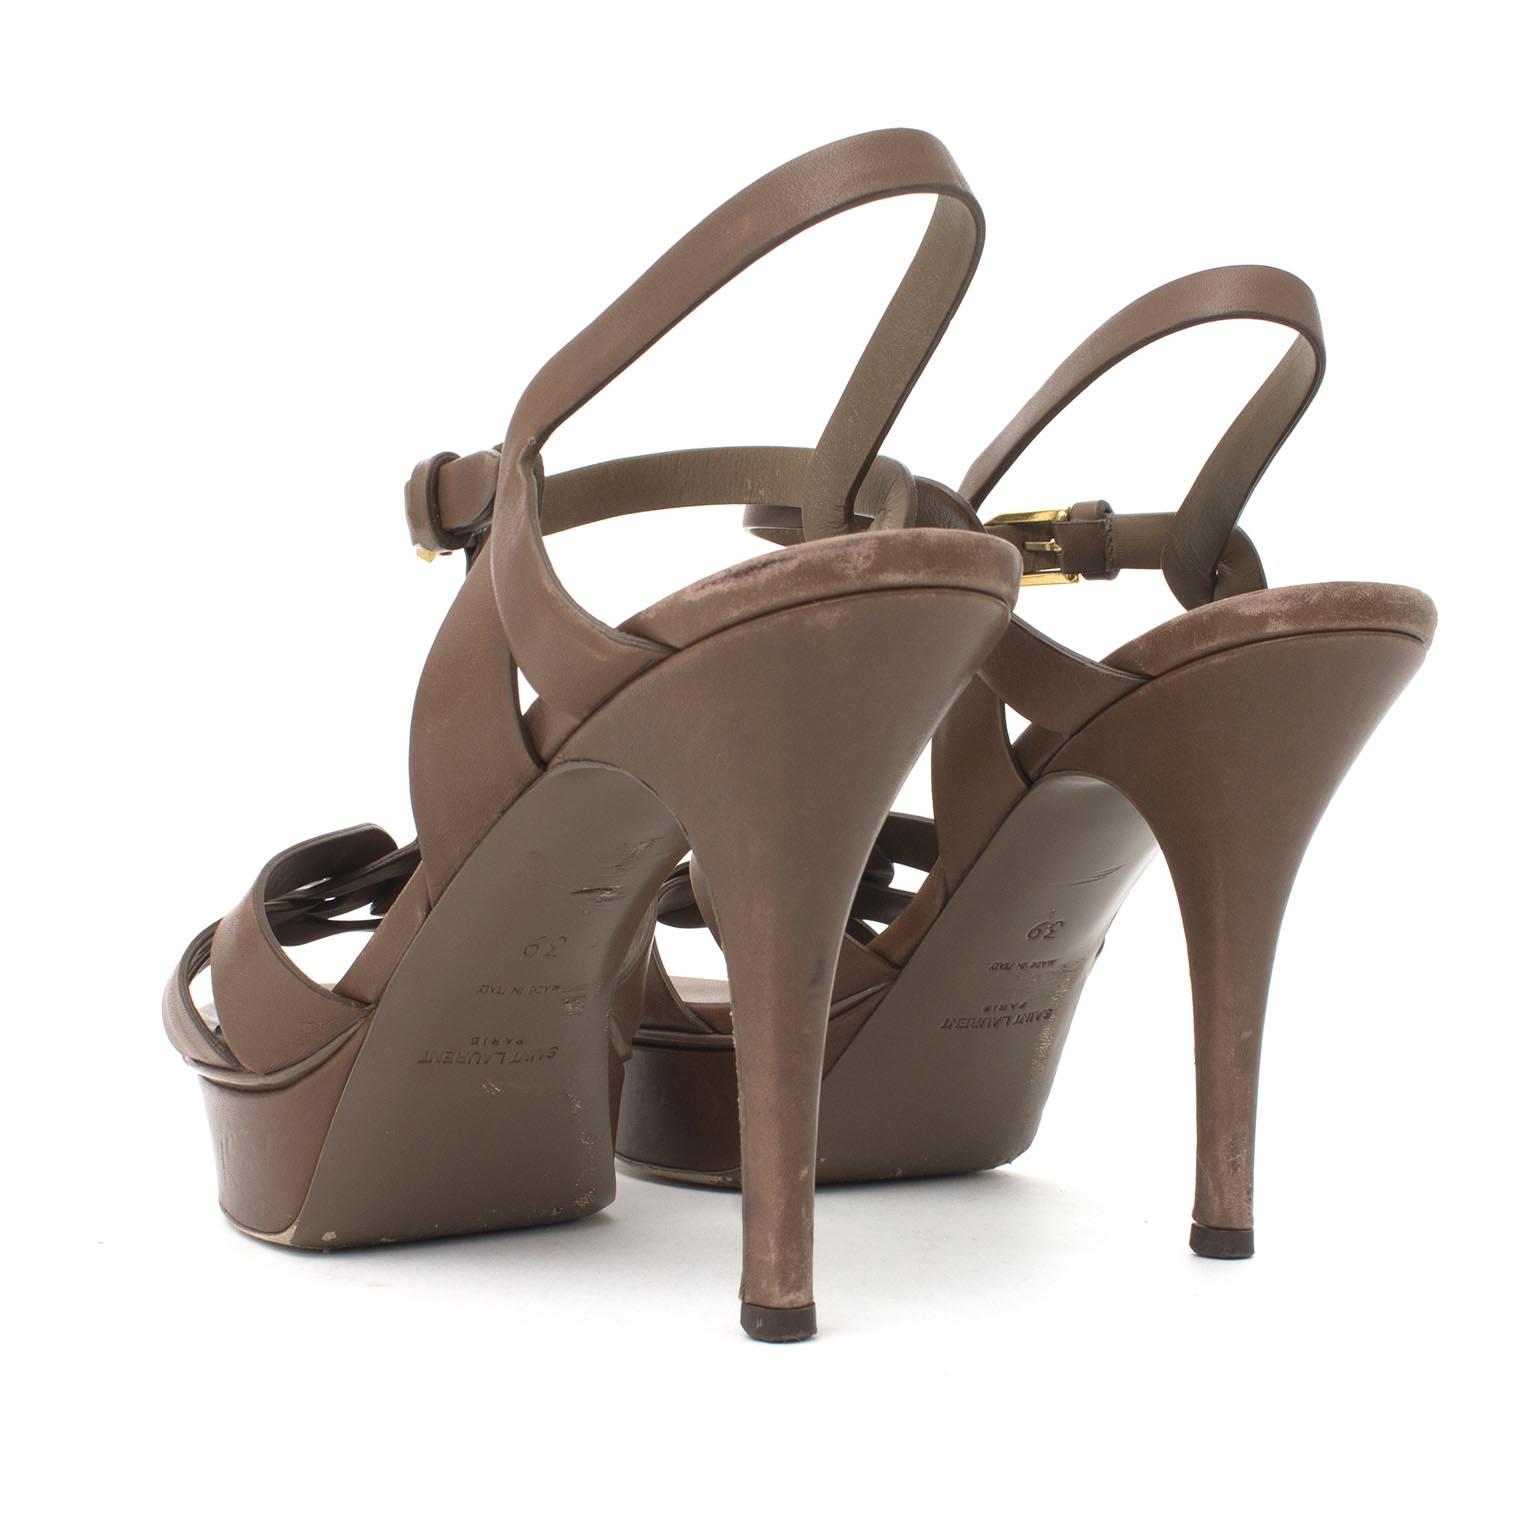 Koop en verkoop uw Yves Saint Laurent Tribute Sandals aan de beste prijs bij Labellov Antwerpen tweedehands